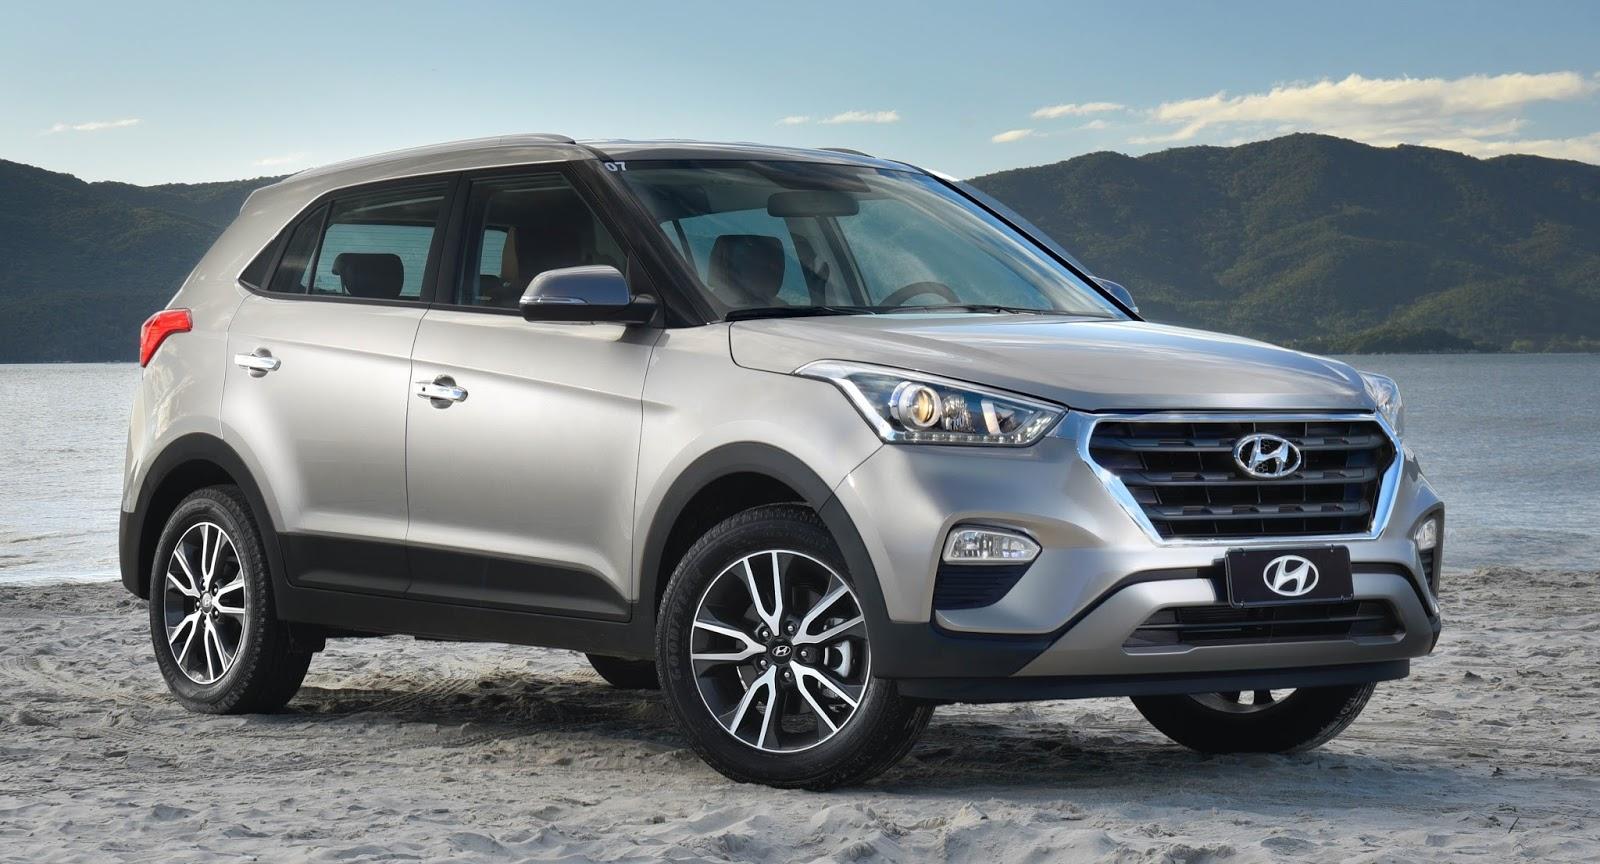 Consumo Hyundai Creta Attitude 1.6 - Frente